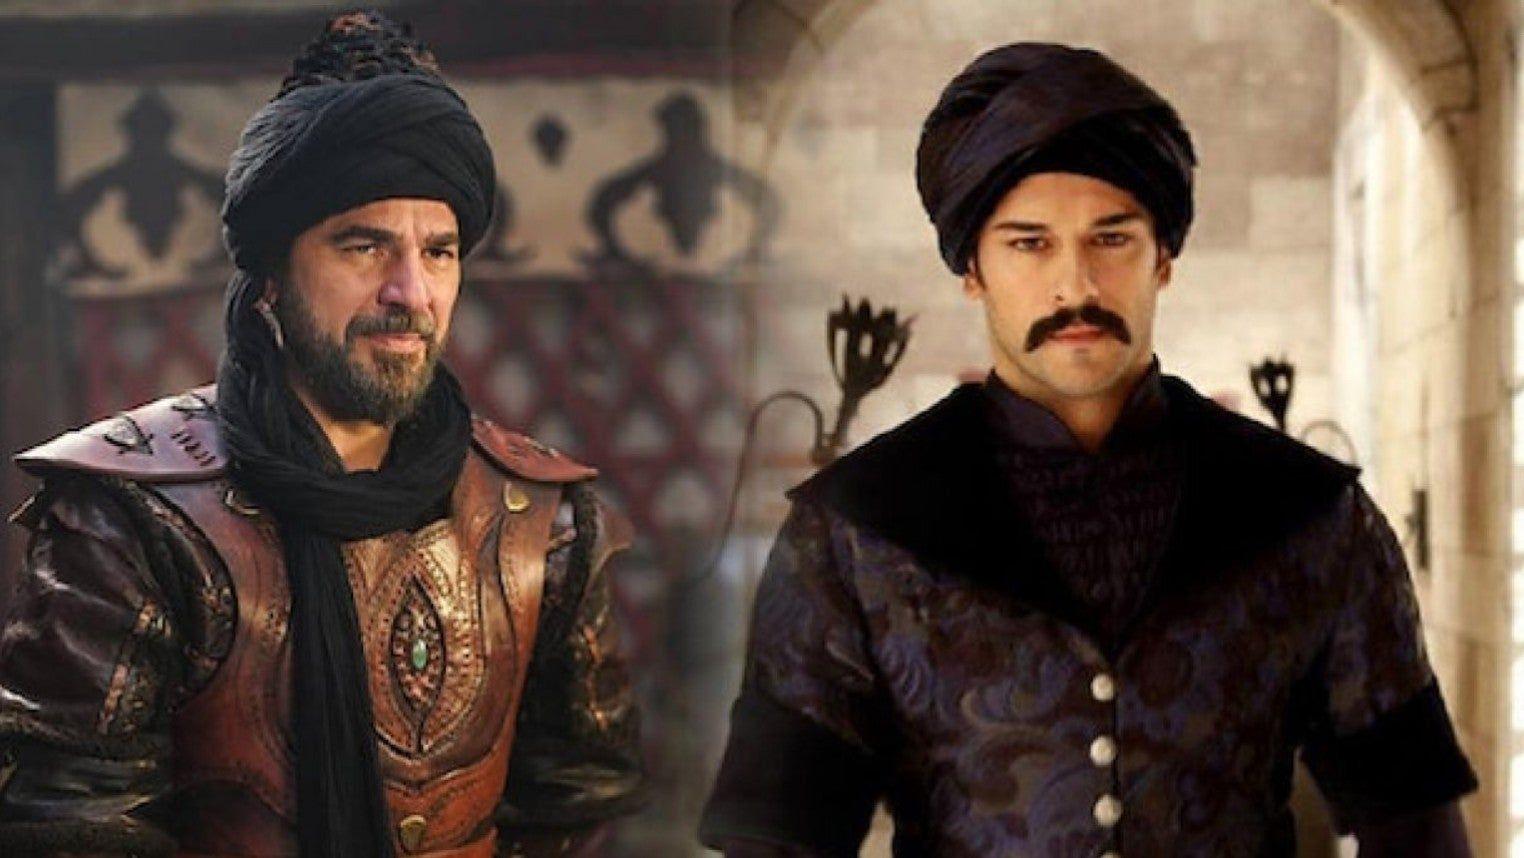 انطلاق الحلقة الأولى من مسلسل قيامة عثمان على قناة Atv التركية Fictional Characters Jon Snow Character